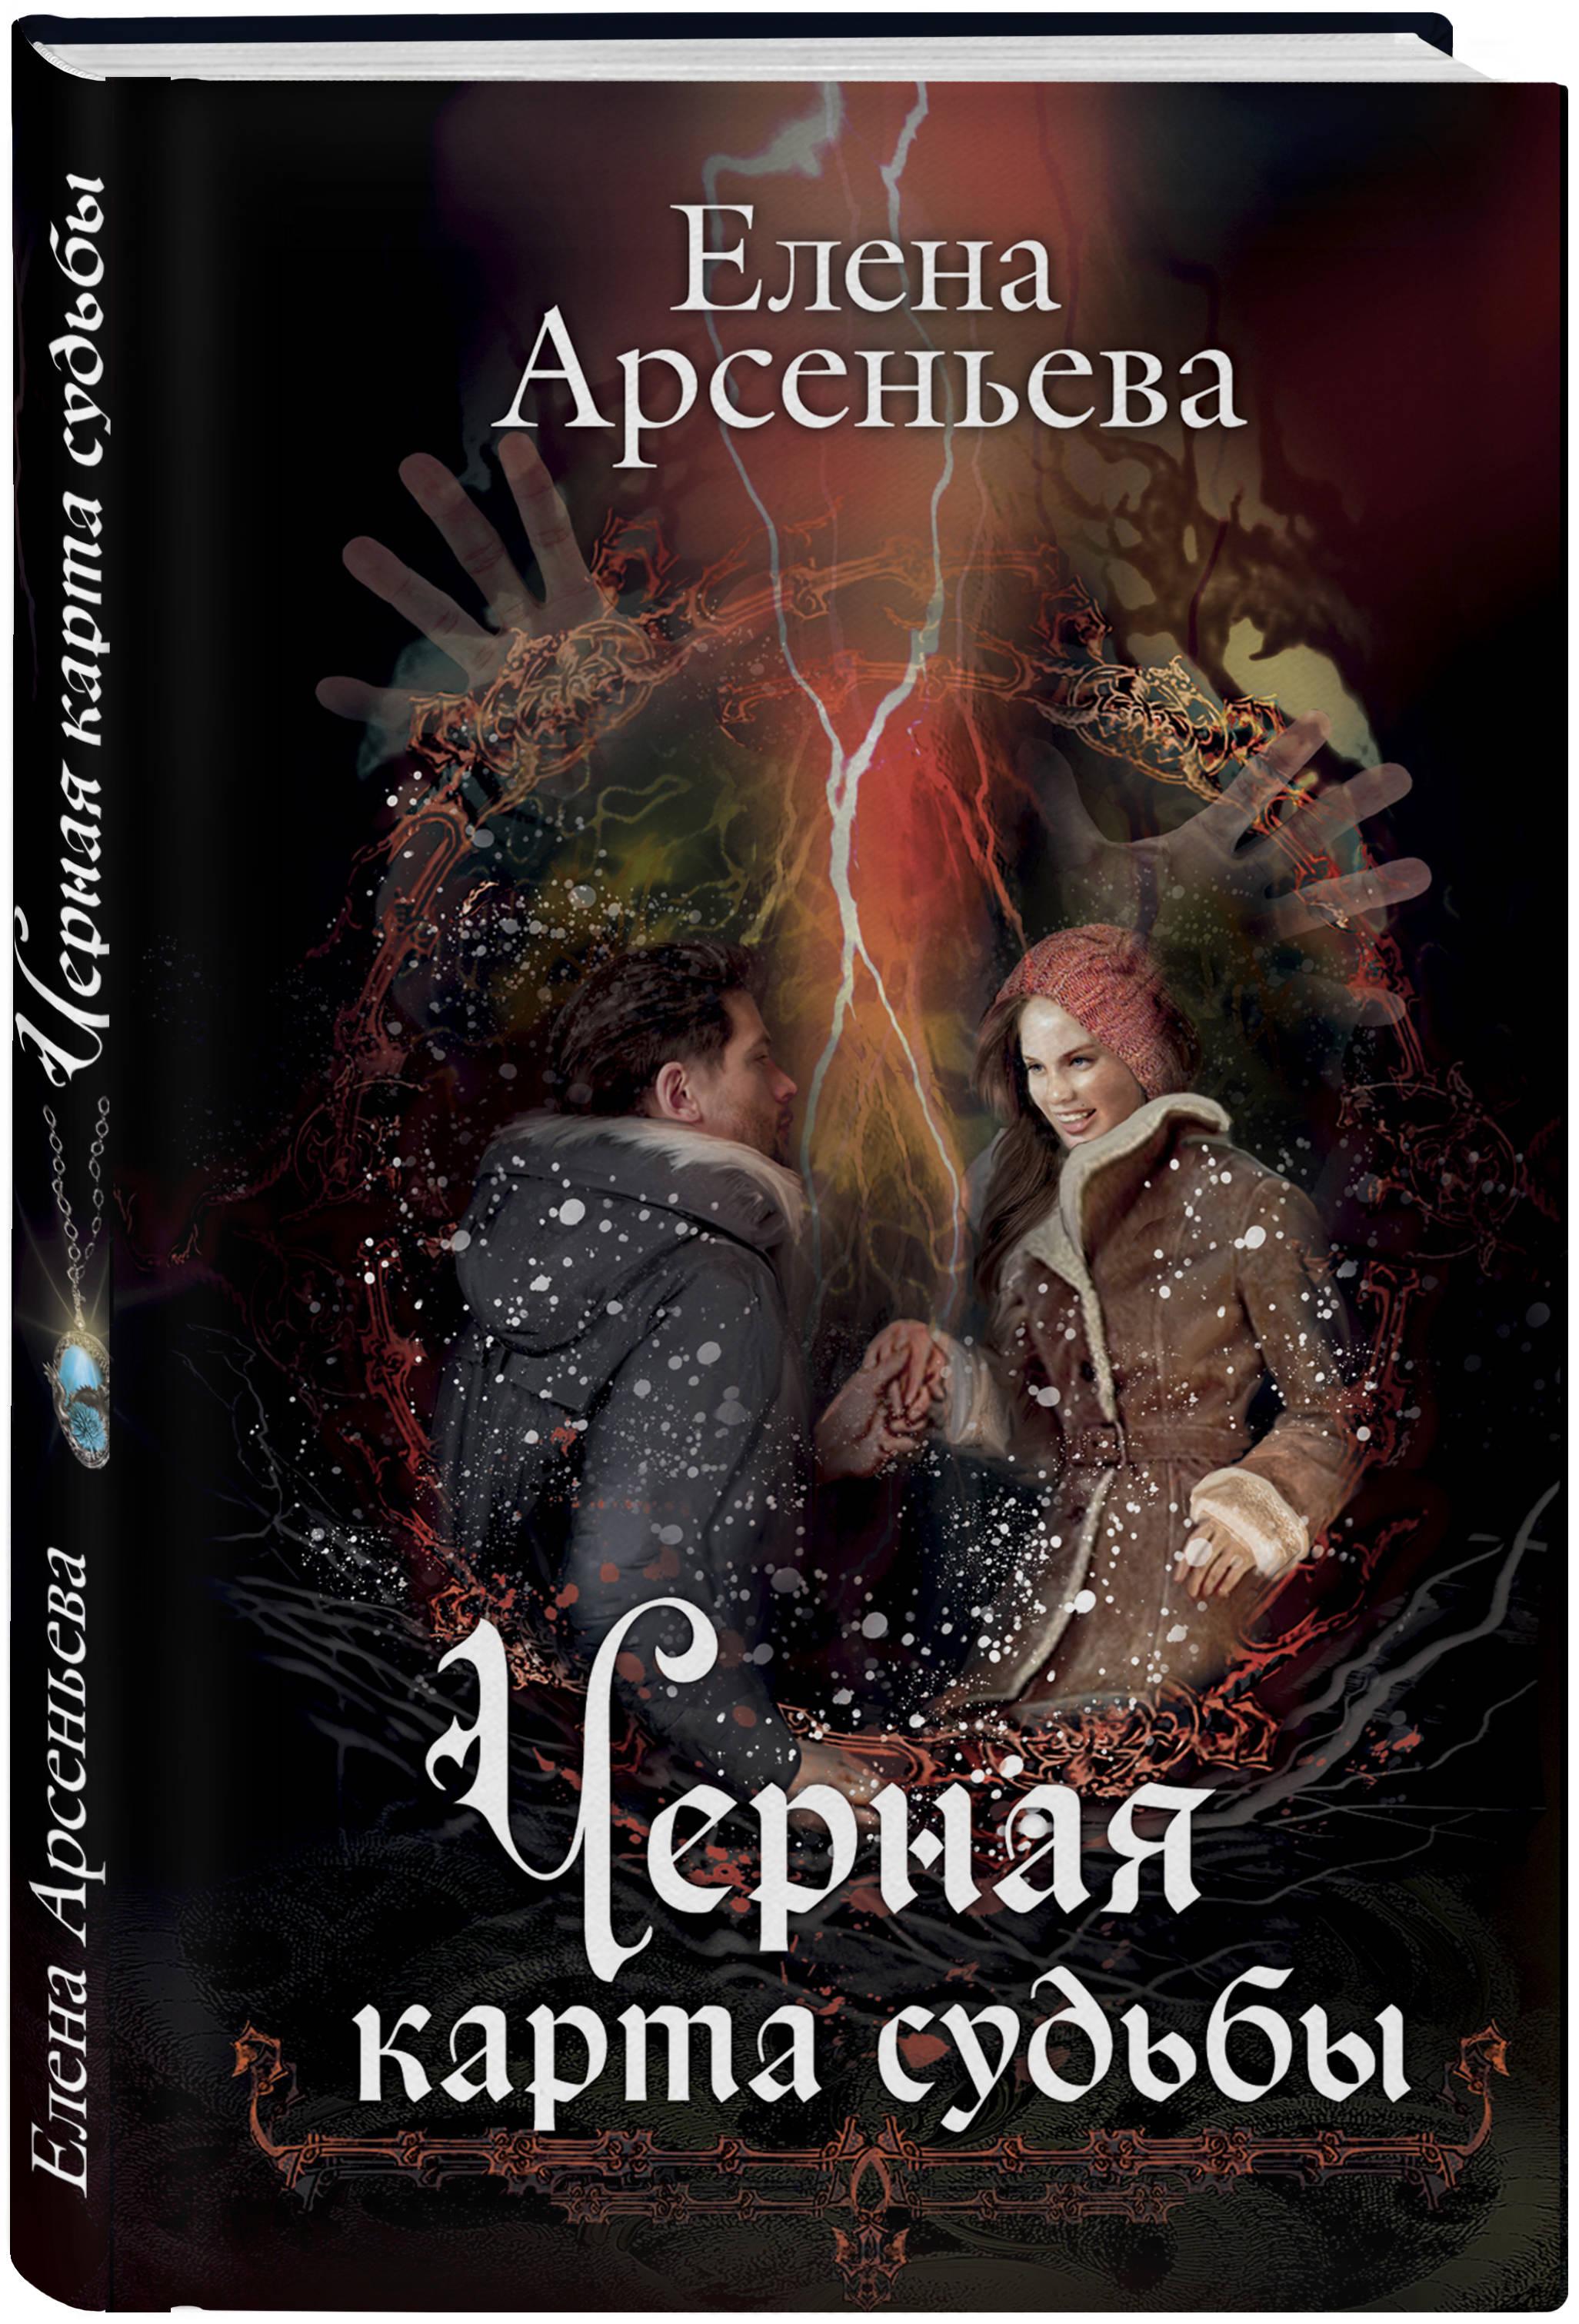 Елена Арсеньева Черная карта судьбы елена болотонь любимая для колдуна лёд